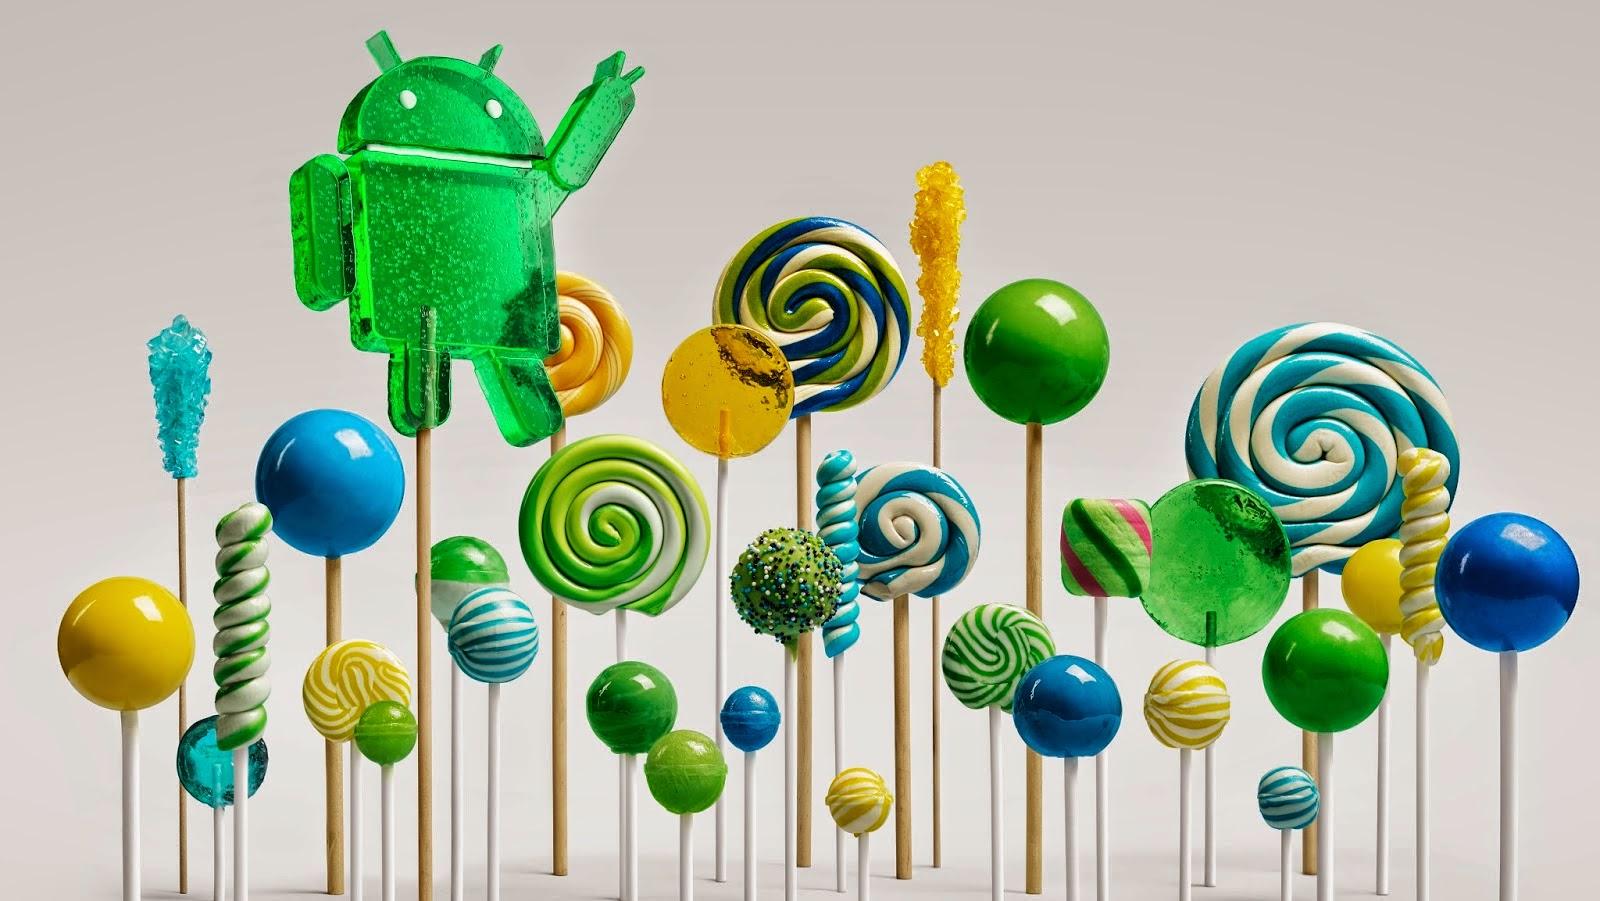 Kelebihan dan keunggulan OS Android Lolliop 5.0